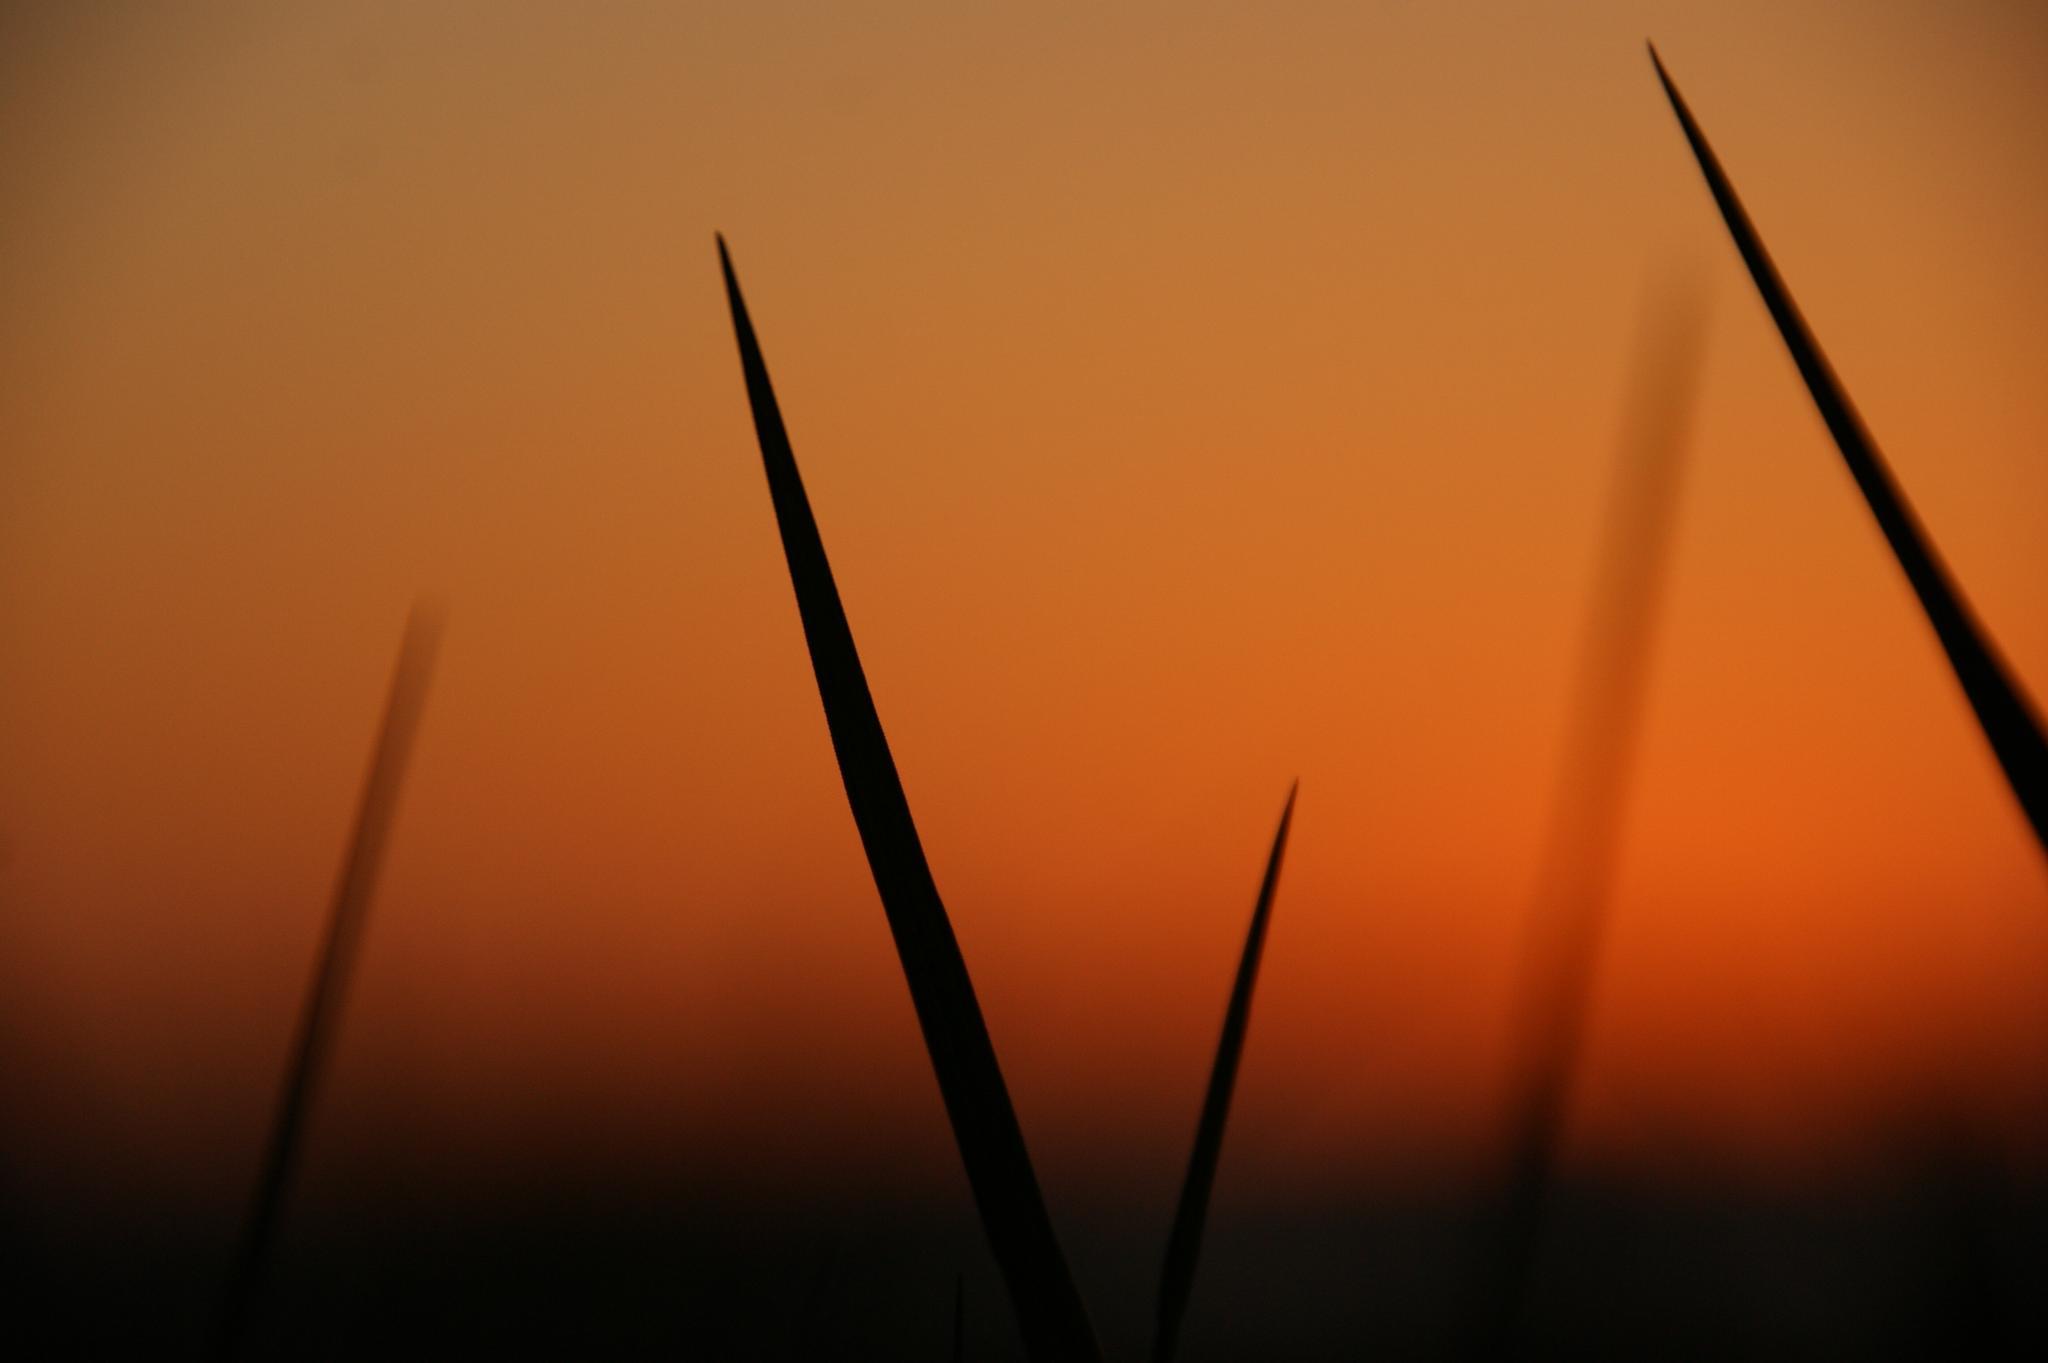 Stilhed før natte.. (Peace befor night) by tina.nielsen.16100